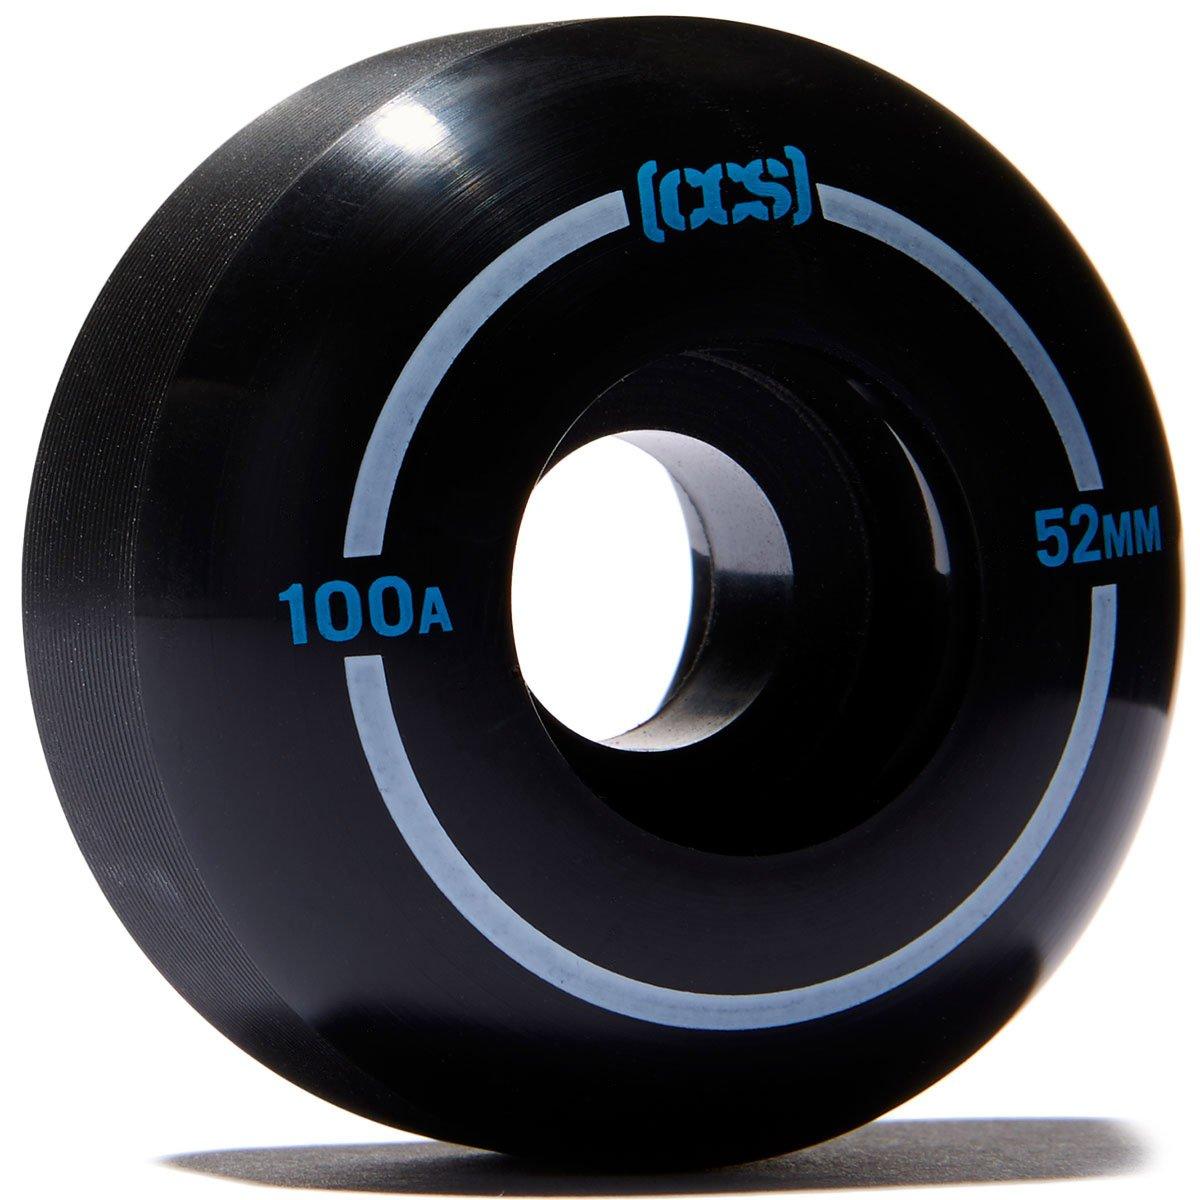 CCS スケートボードホイール 4個セット 100a ストリート/パーク 52mm 54mm 56mm 54mm ブラック B078YDNHTJ